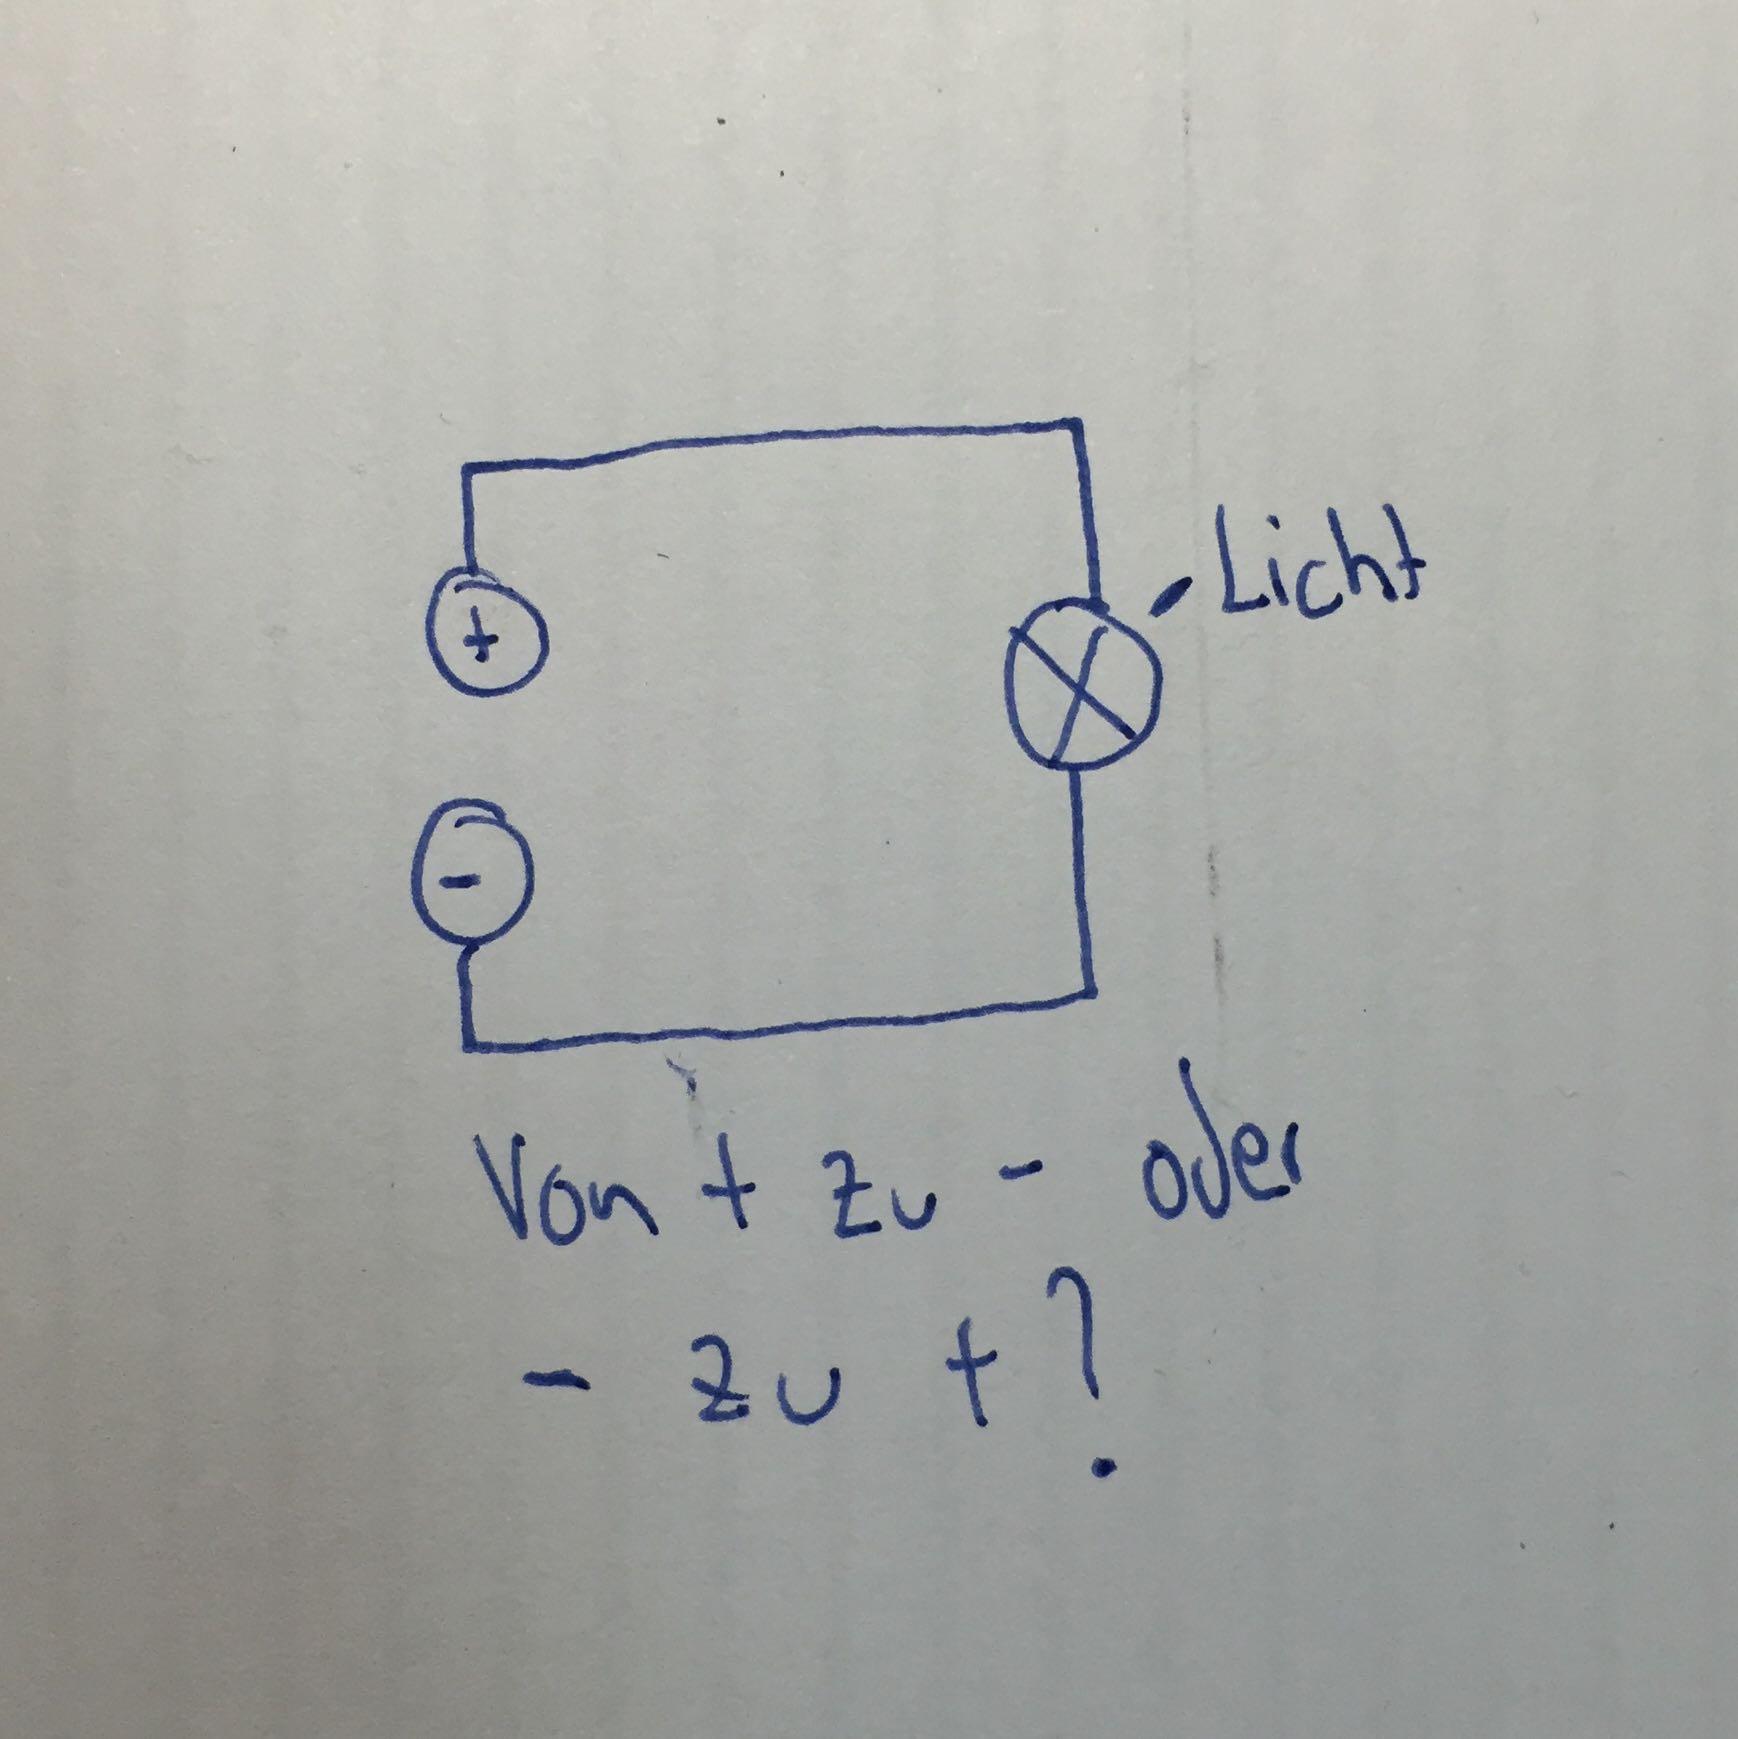 Stromkreis von plus zu Minuspol? (Physik, Strom, Elektronen)